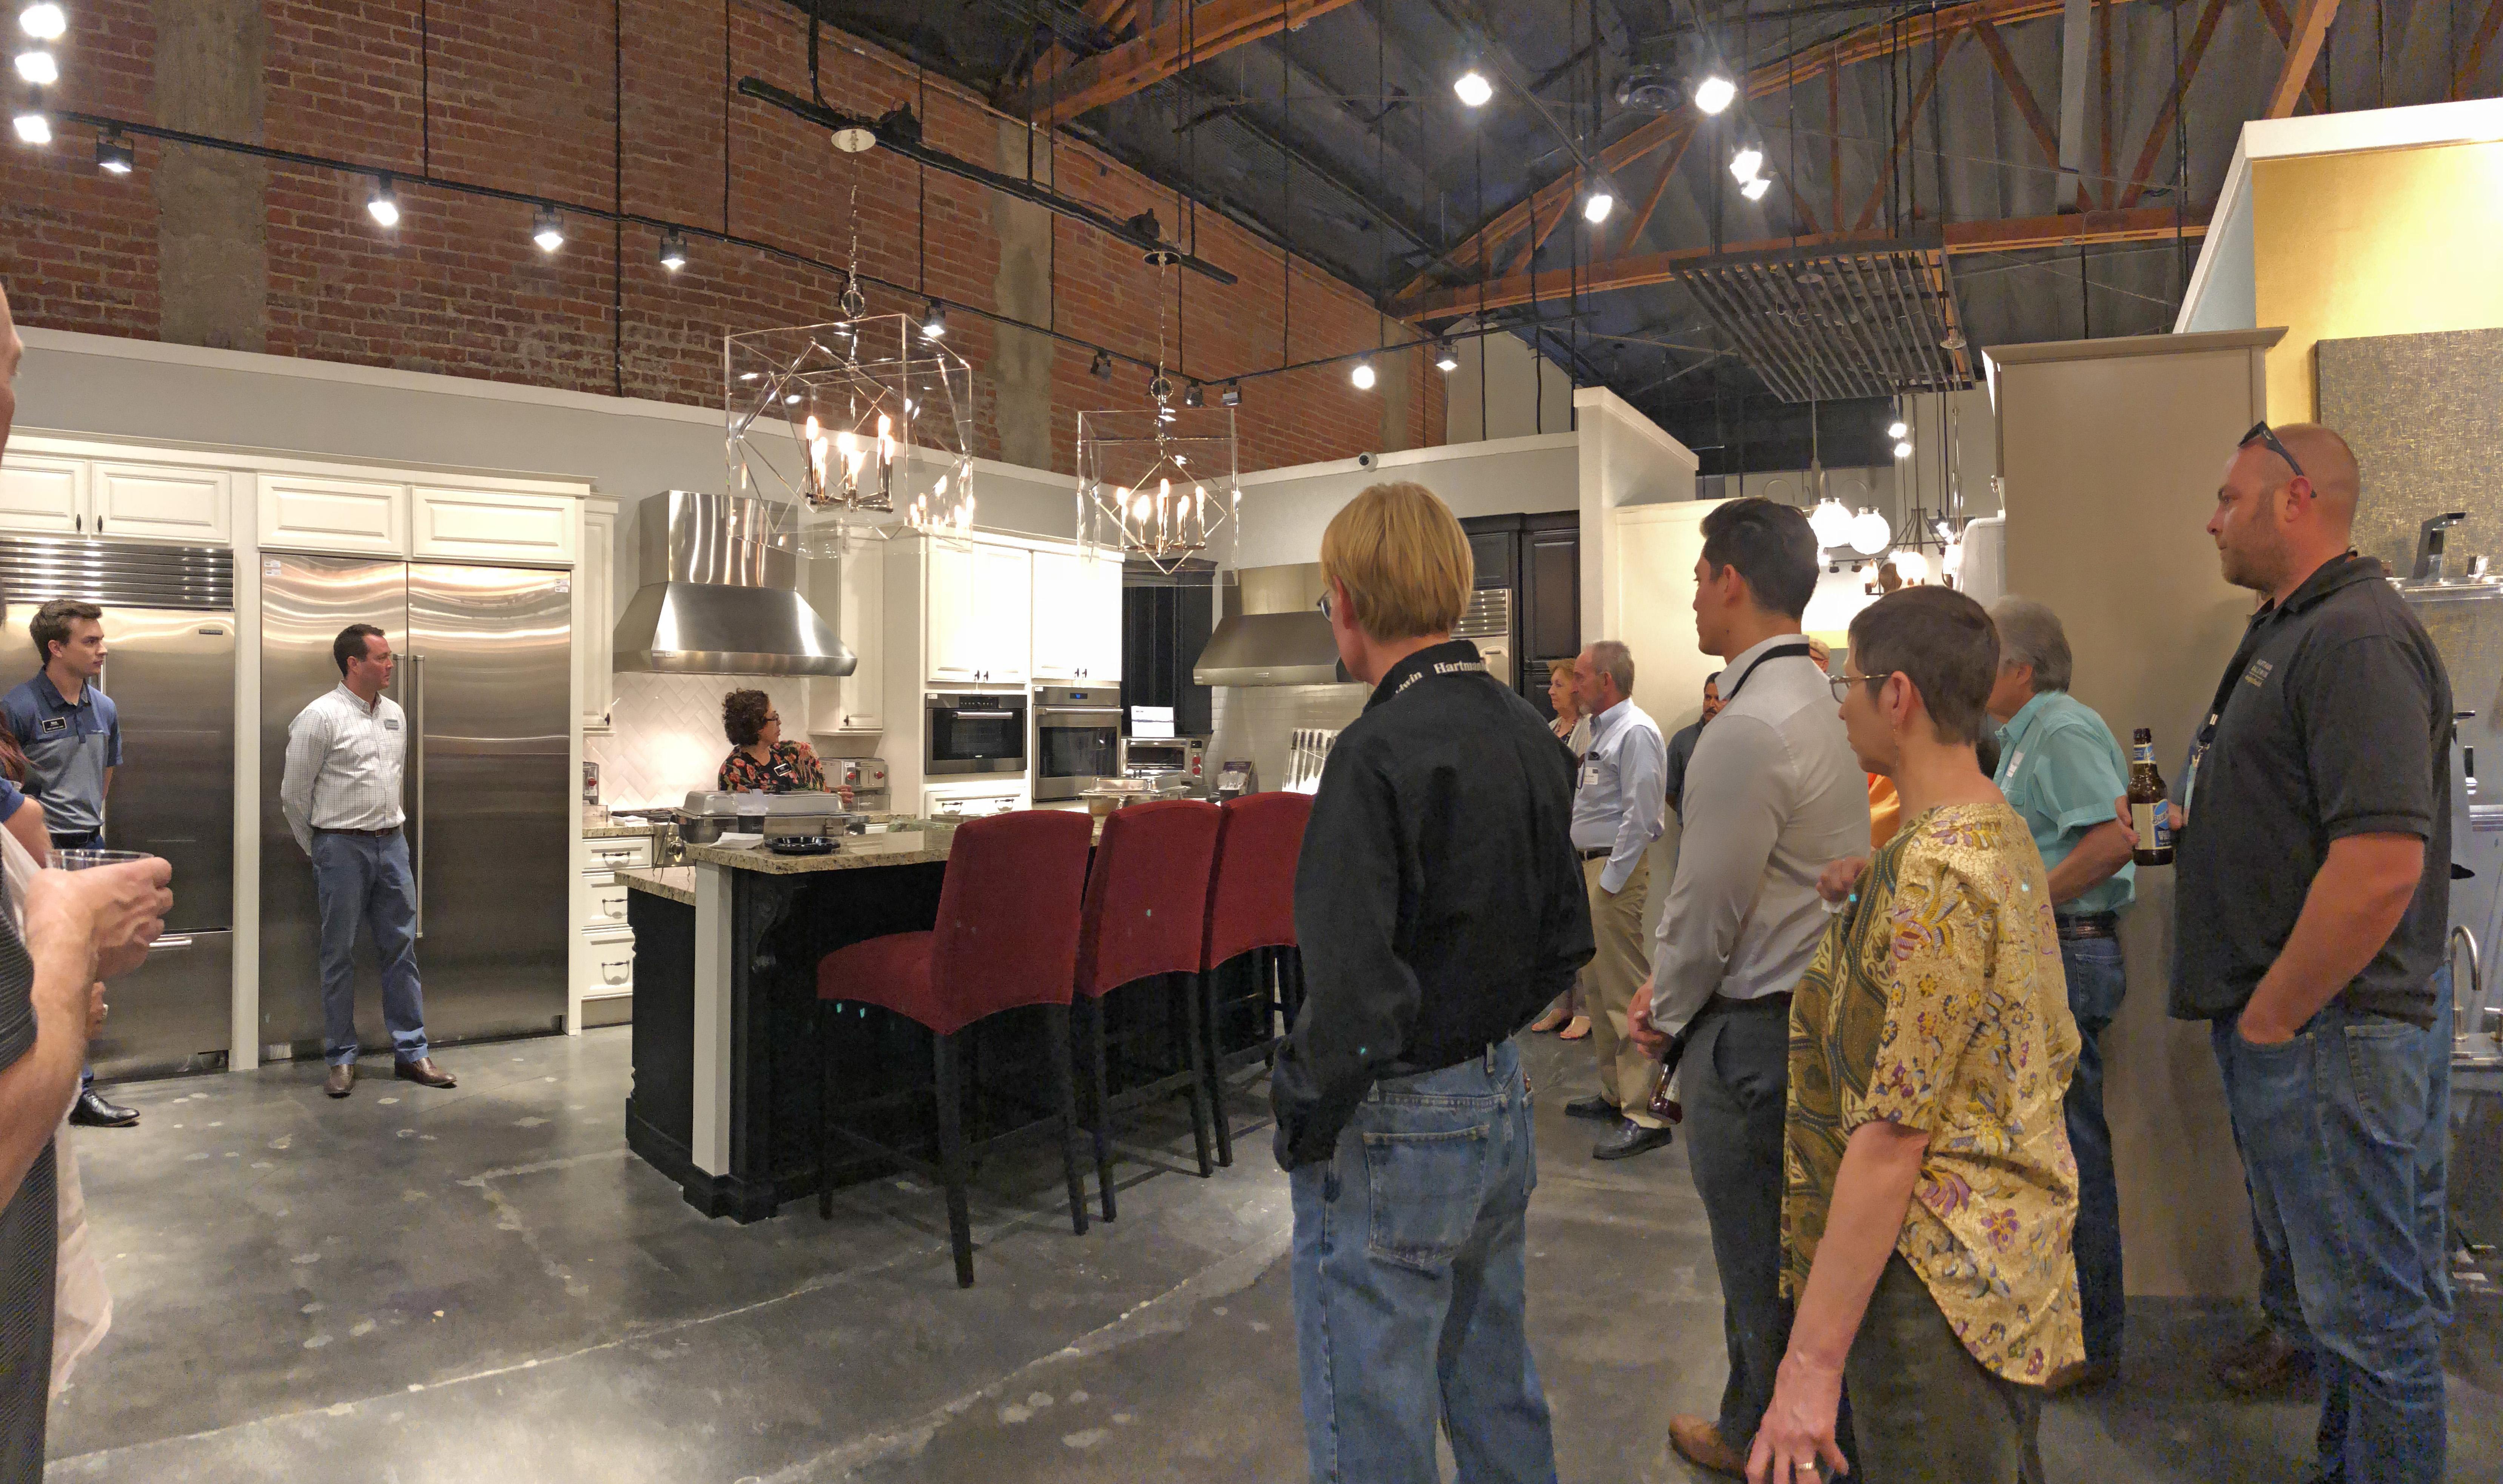 Ferguson Bath Kitchen Gallery Pasadena - Kitchen Appliances Tips And ...